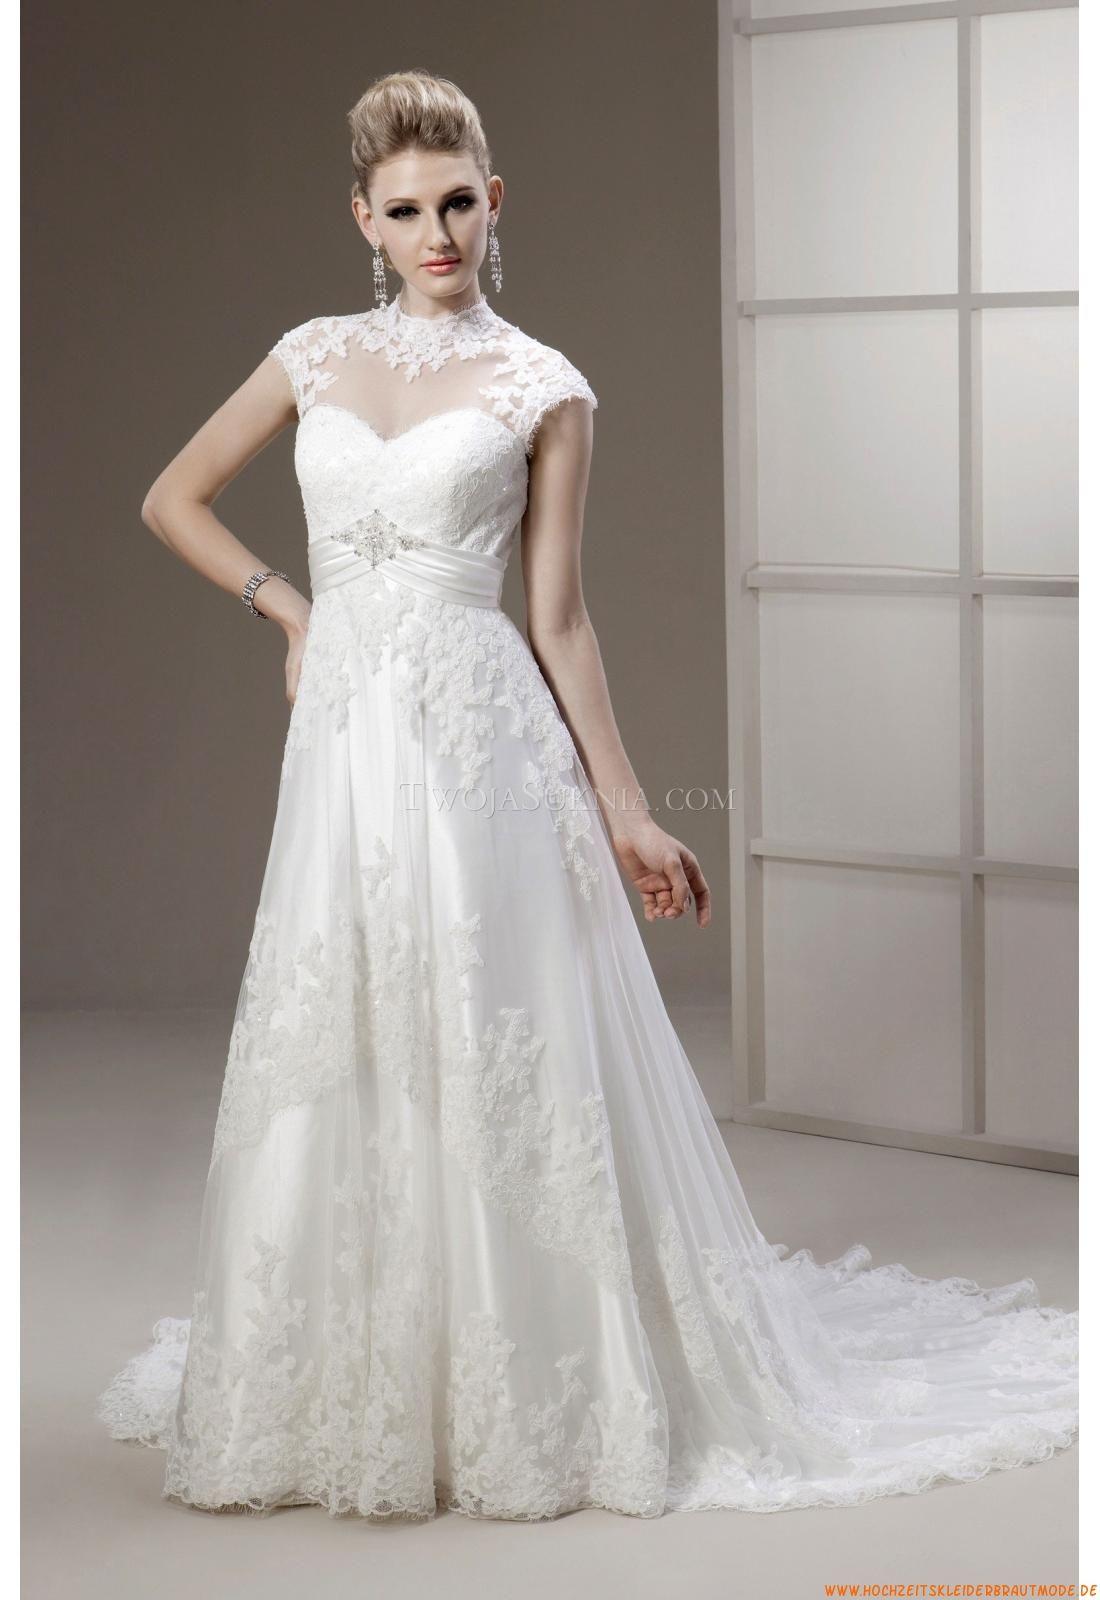 Schön Brautkleider 2014 Online Fotos - Hochzeit Kleid Stile Ideen ...